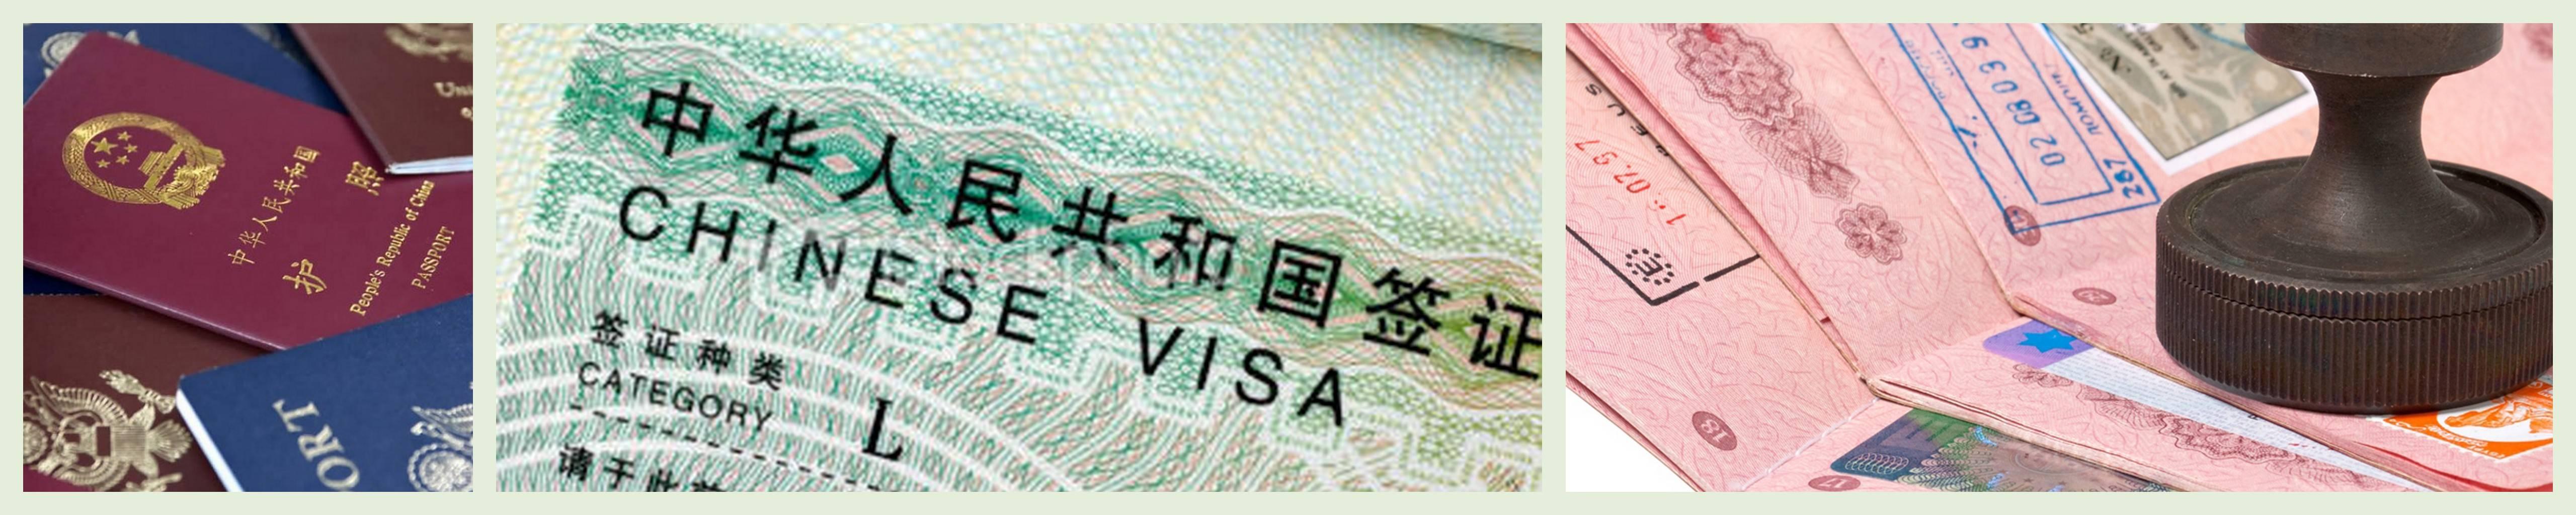 Нужна ли виза в гонконг для россиян в 2020 году, оформление, стоимость